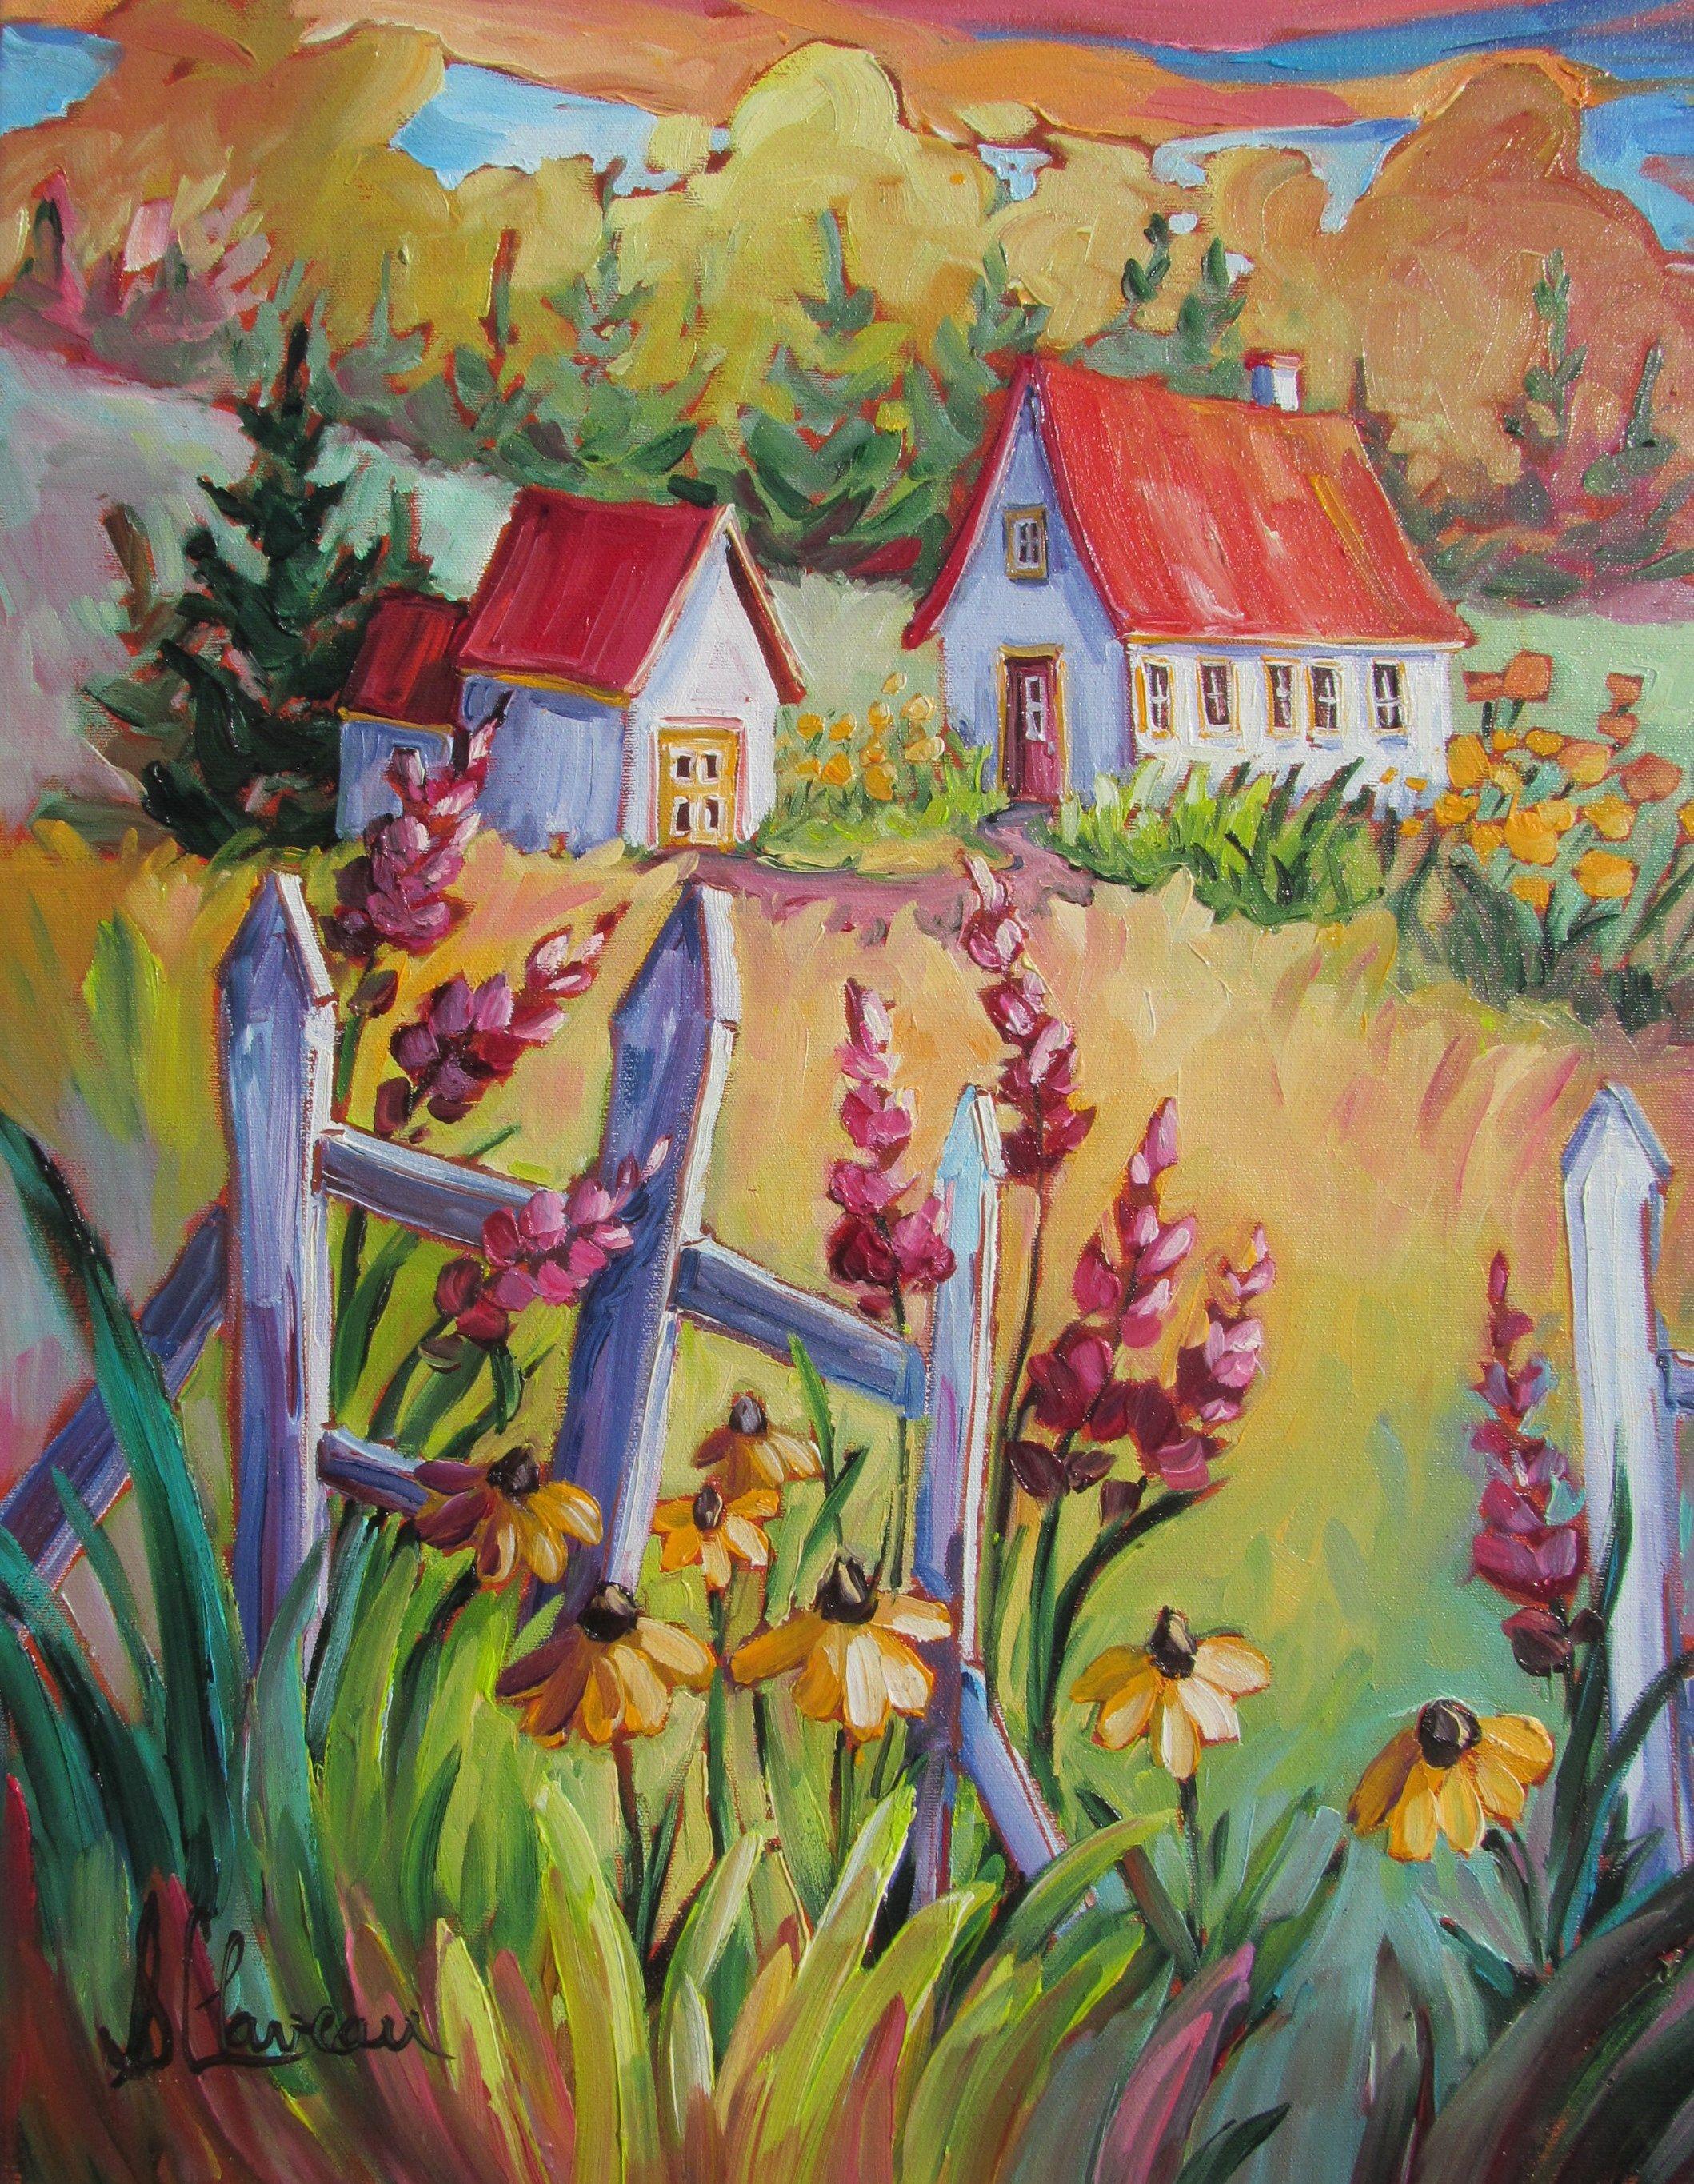 paysages champ tres centre d 39 art suzanne claveau artiste peintre pinterest folk art. Black Bedroom Furniture Sets. Home Design Ideas